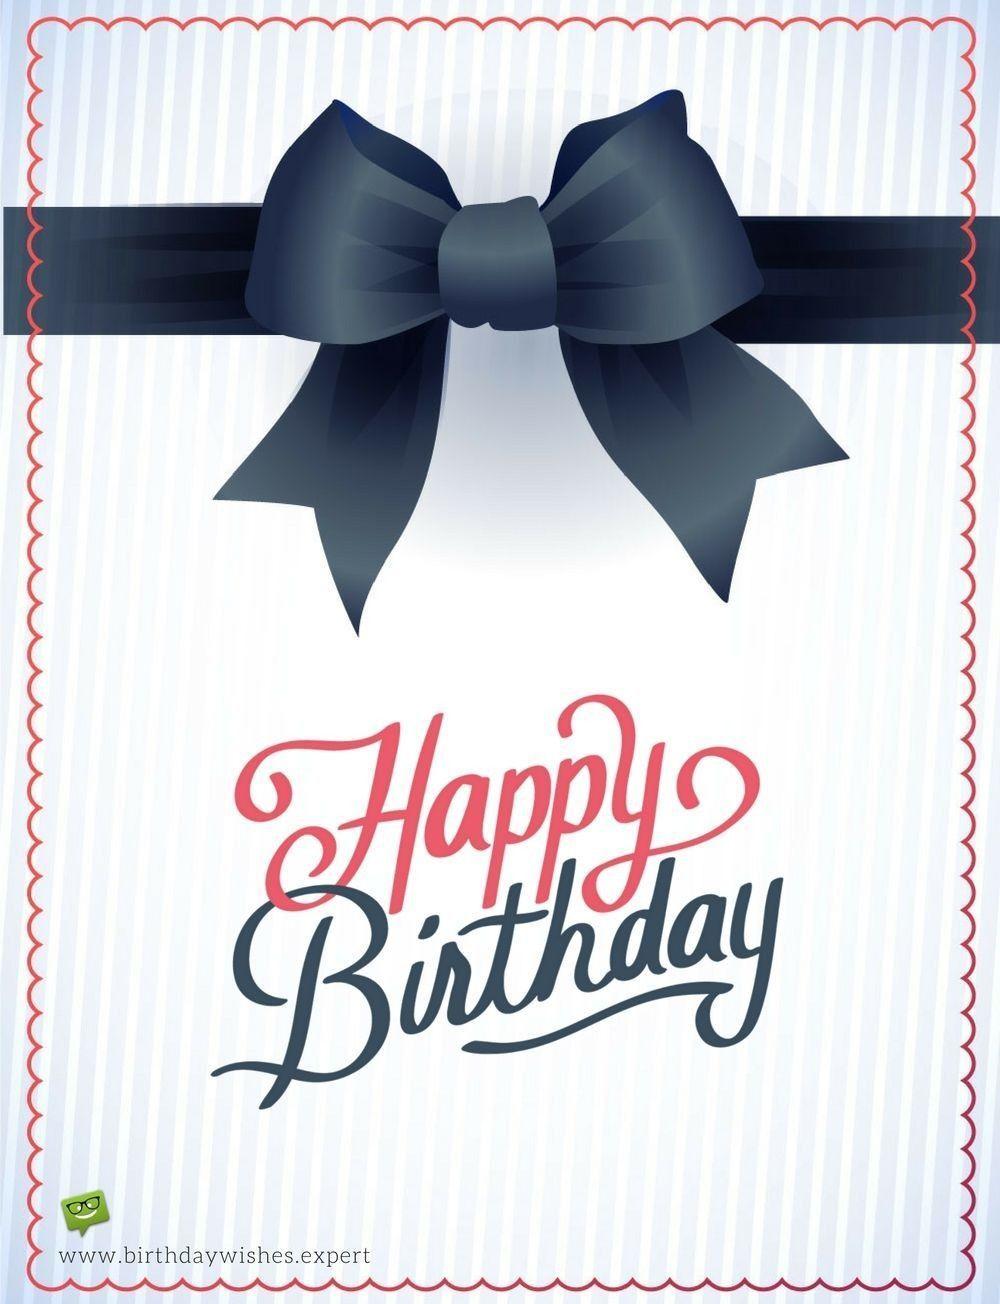 Beruflich Ihre Alles Gute Zum Geburtstag Wunscht Mein Chef Alles